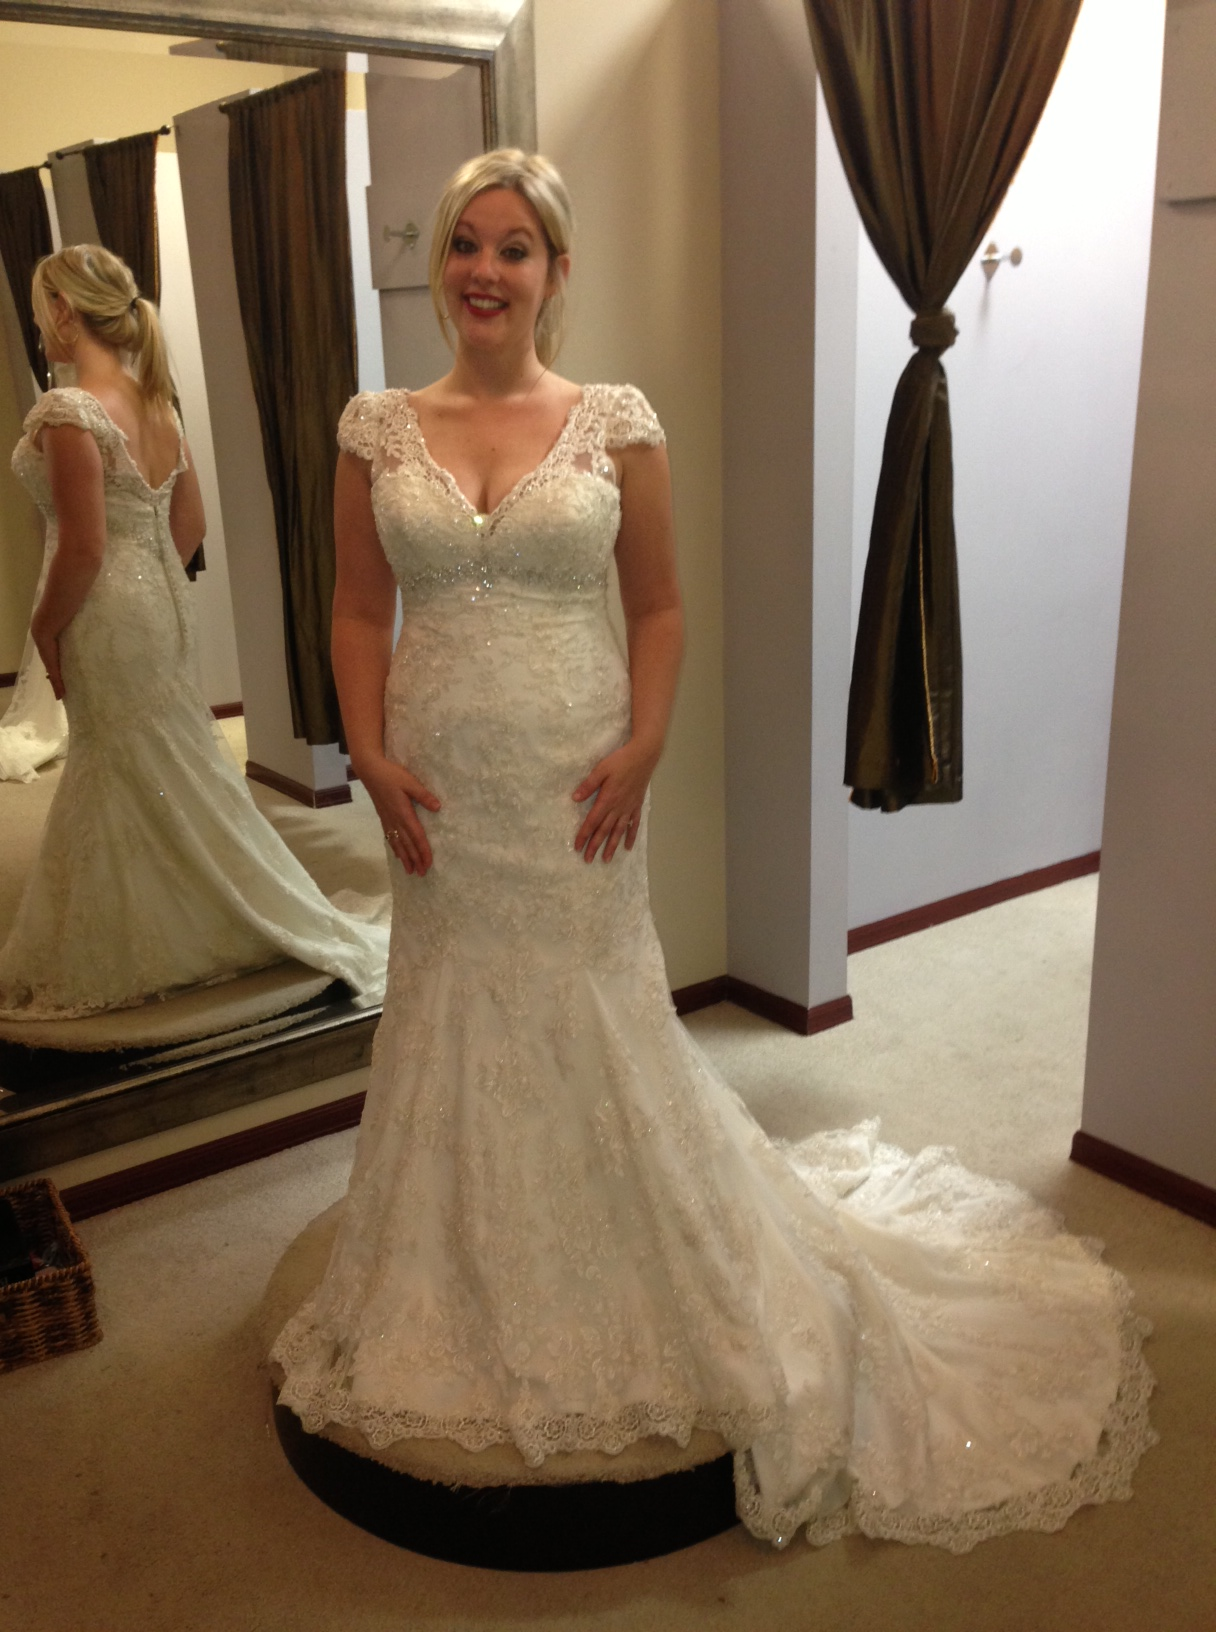 Bridal dresses in jacksonville fl my walk down the aisle for Wedding dress jacksonville fl